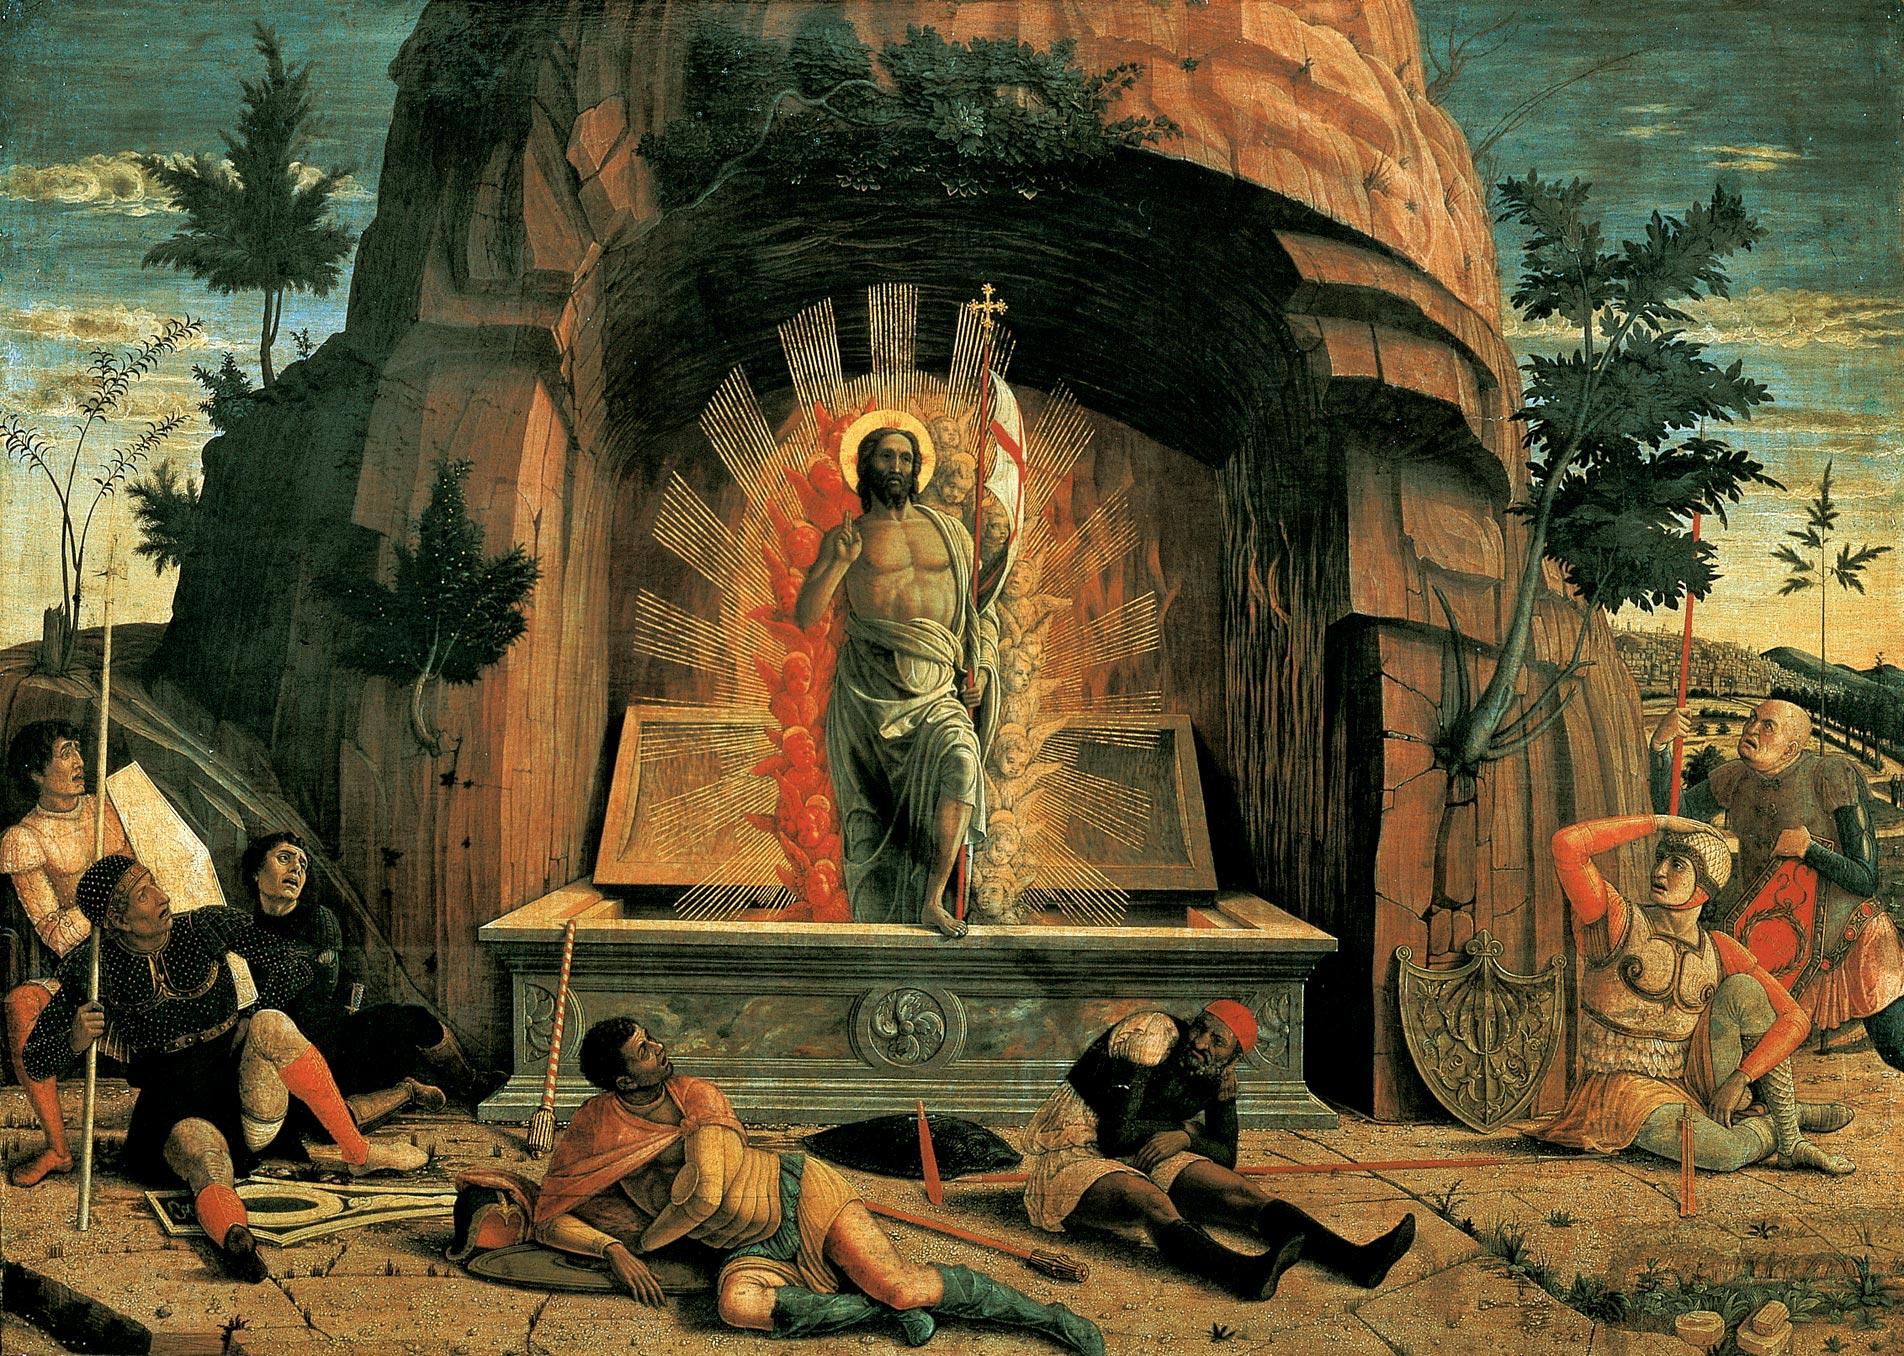 File:Mantegna, Andrea - La Résurrection - 1457-1459.jpg